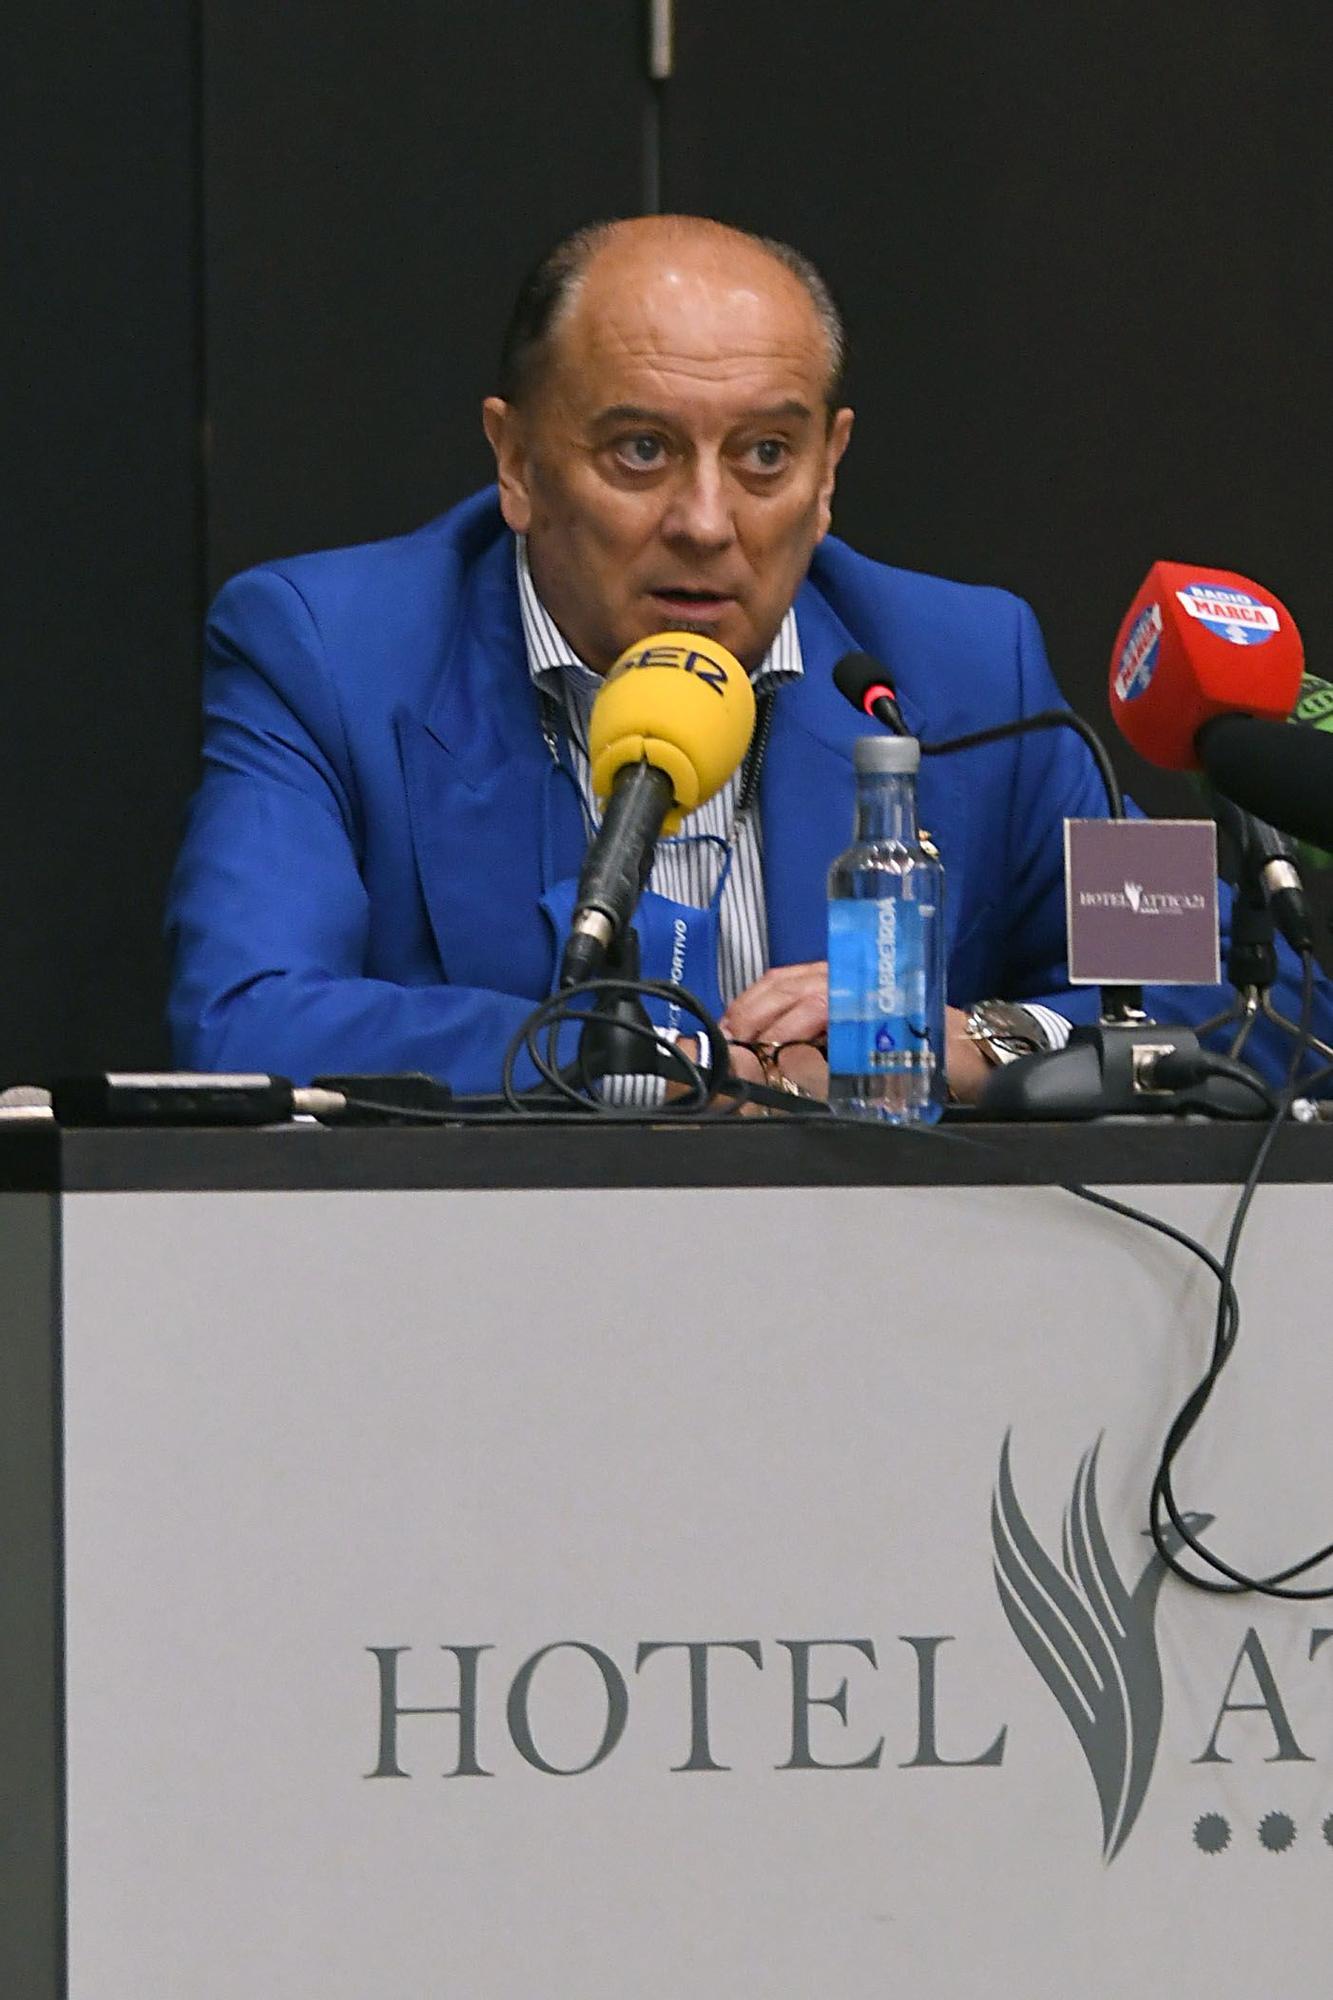 Despedida de Juan Ángel Barros, delegado del Dépor